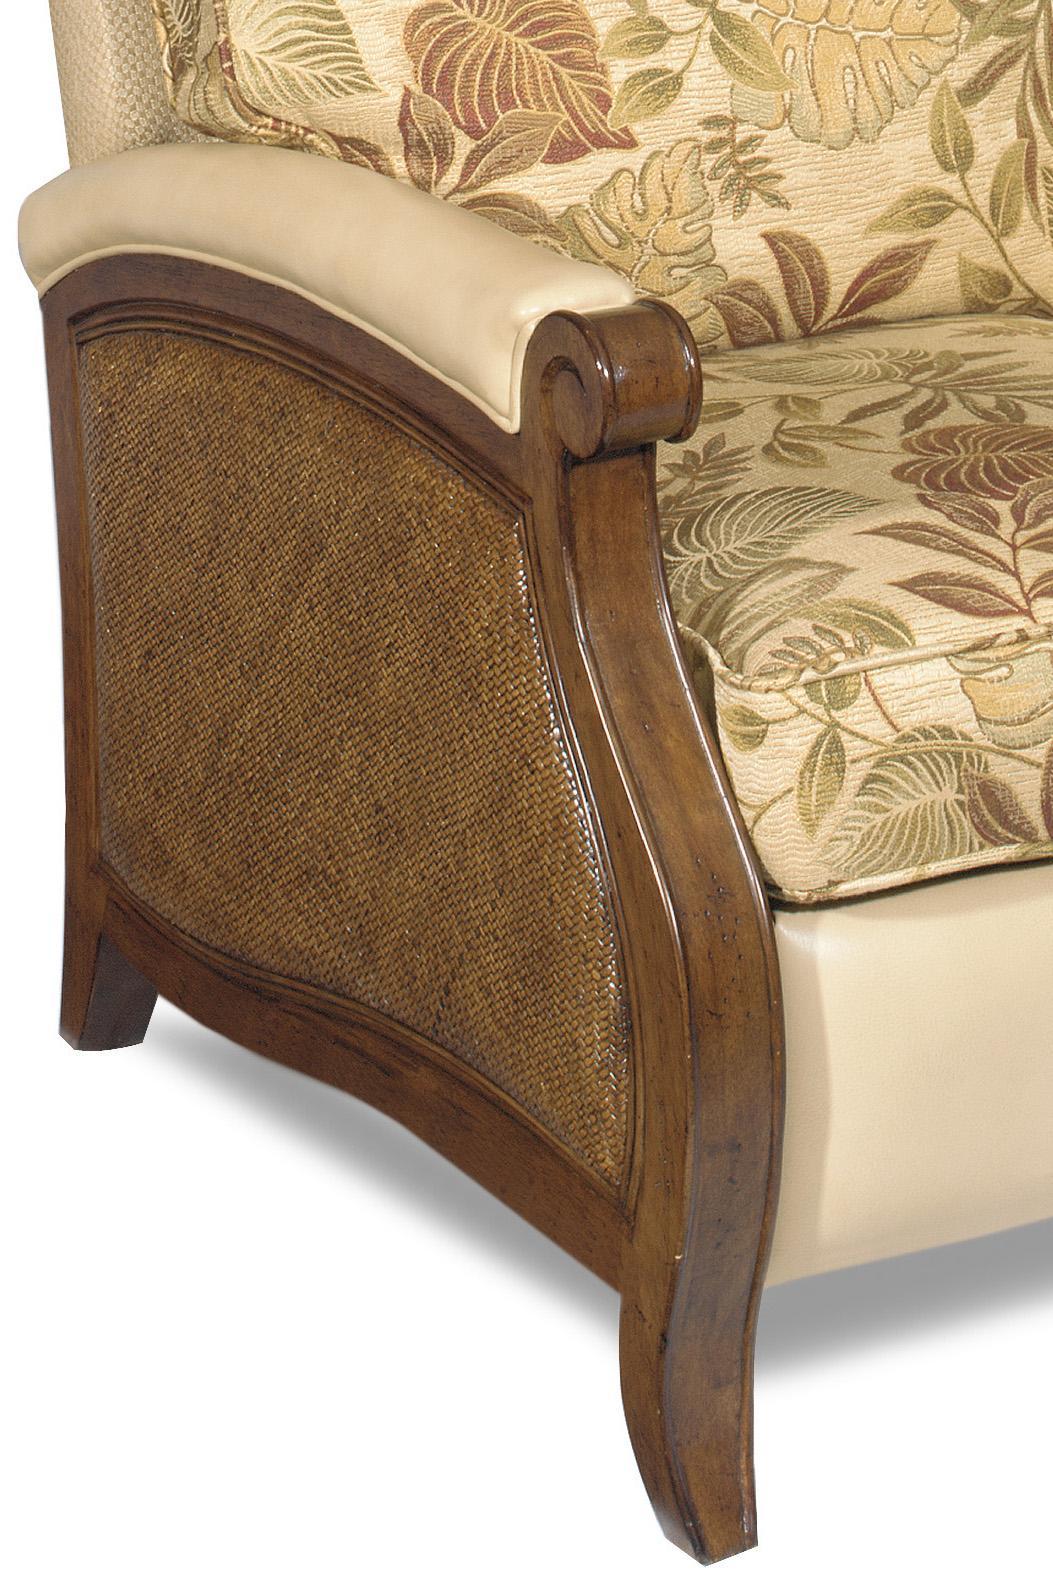 Windward fabric by hooker furniture j j furniture for J furniture dealers